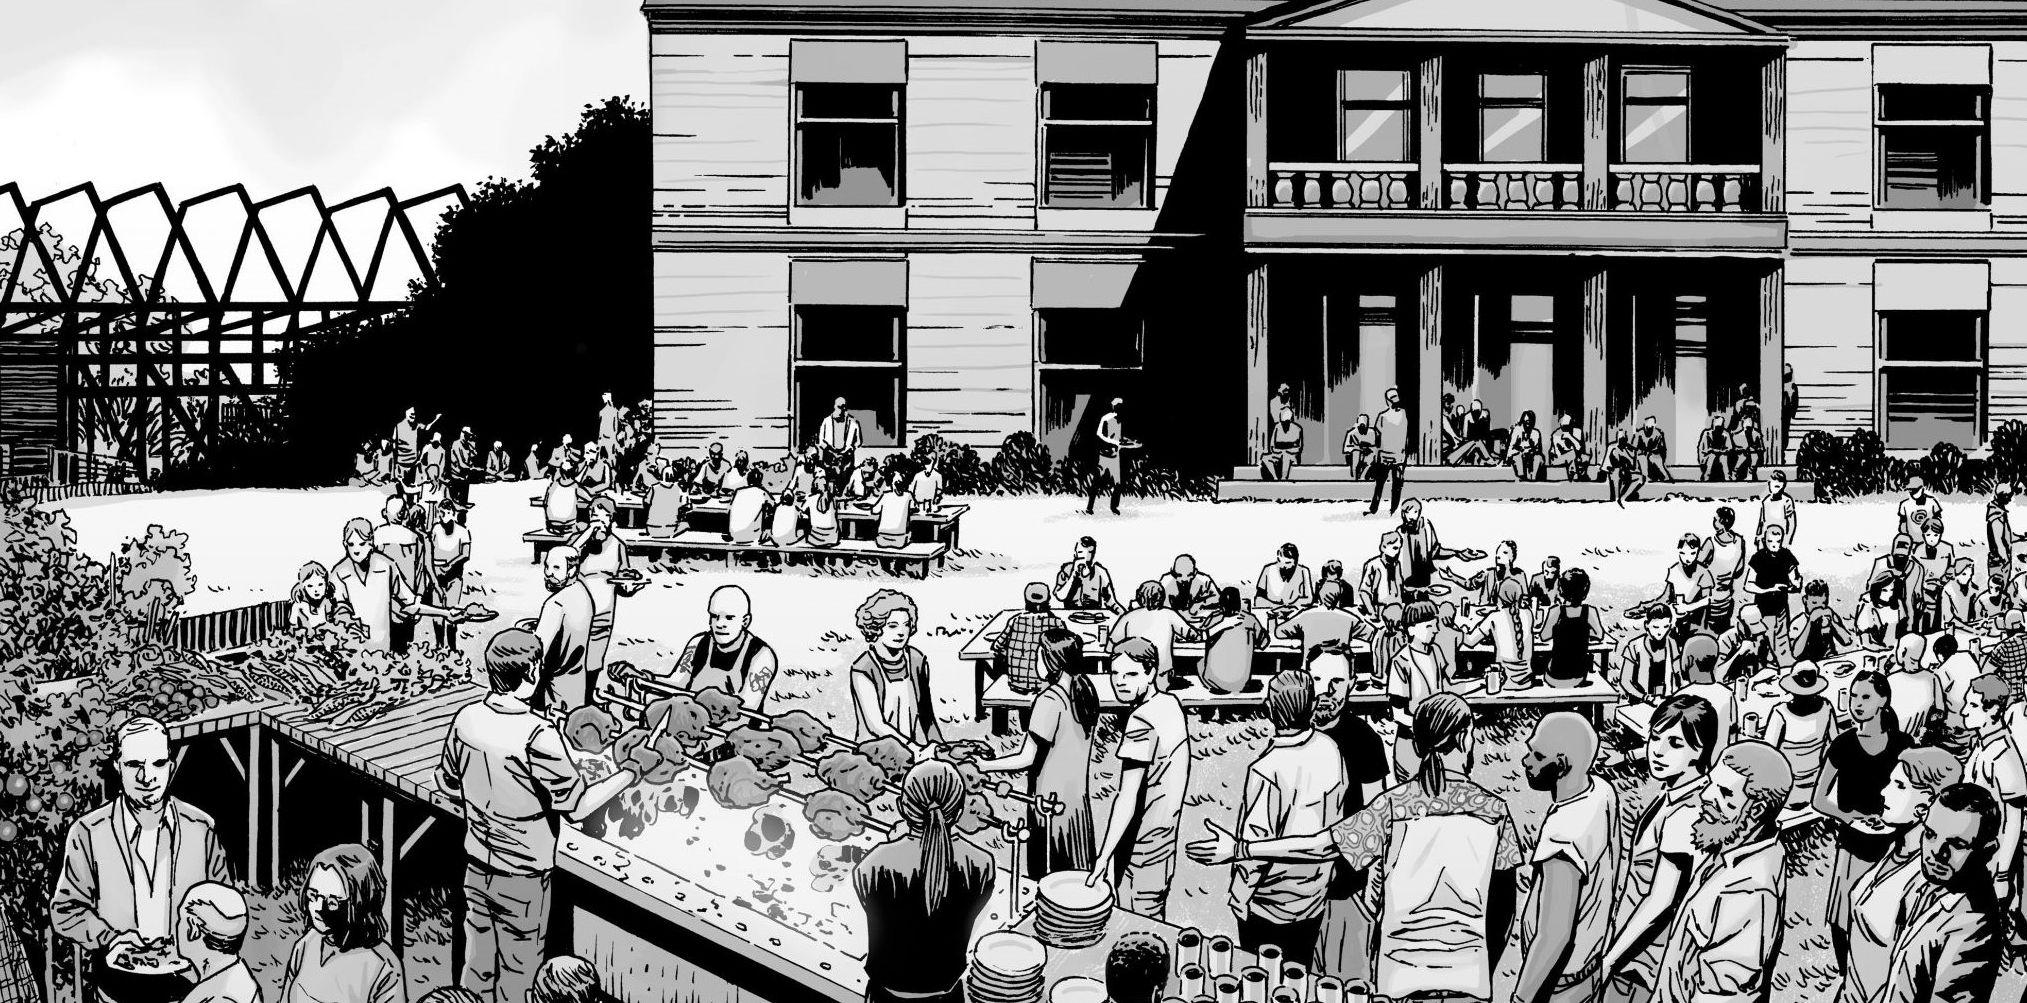 The Walking Dead - Hilltop Community